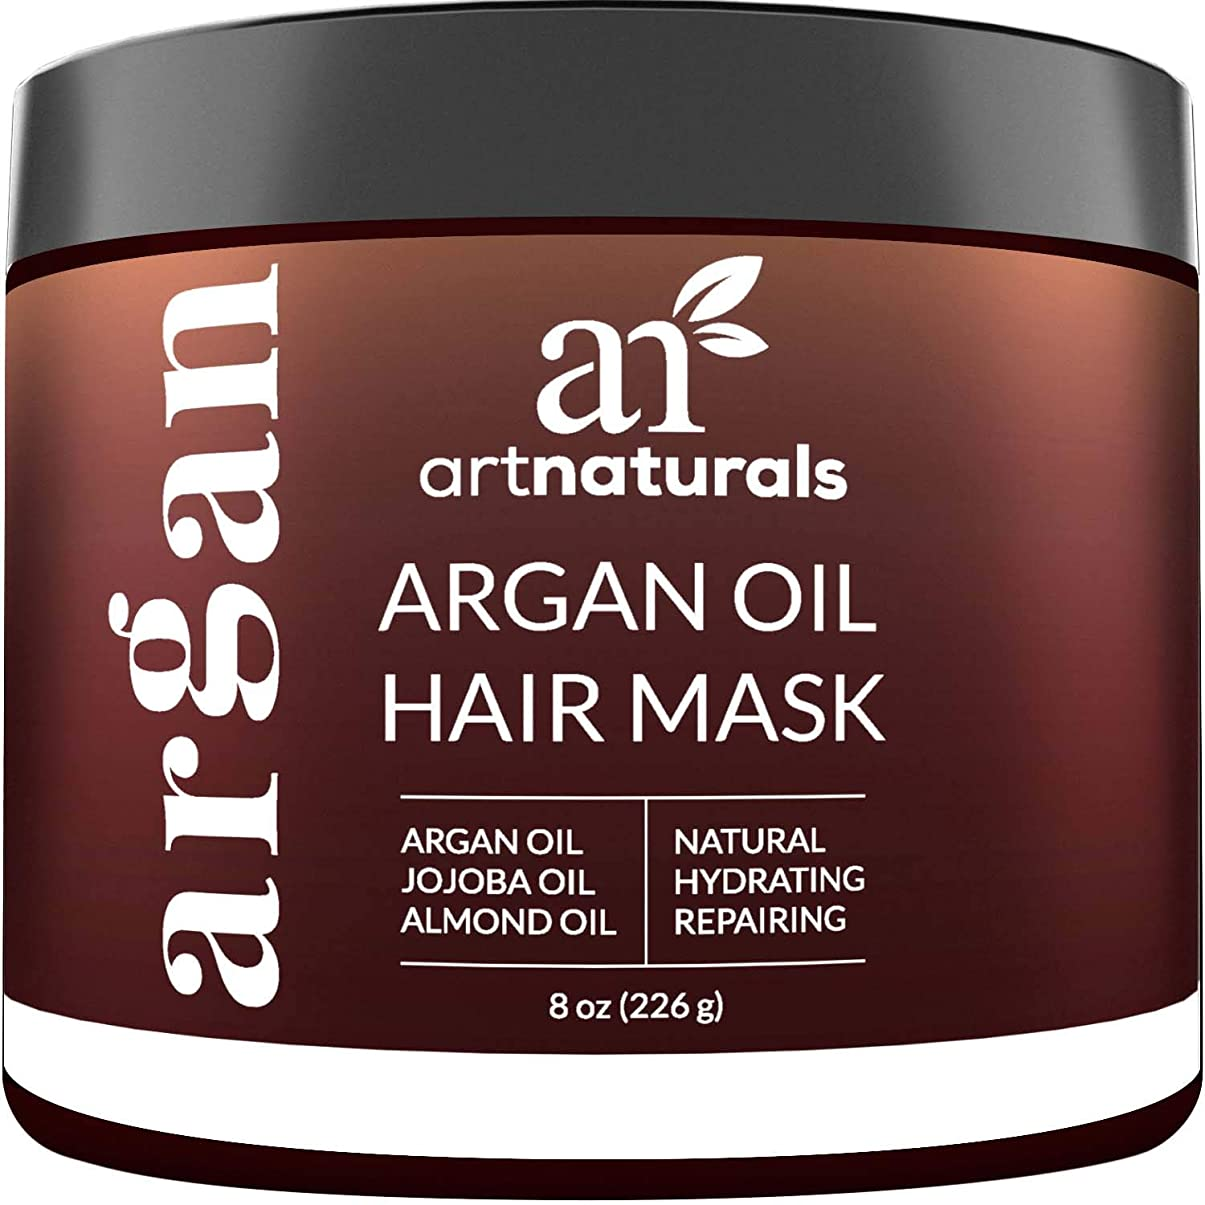 追加する苦しむ良性Artnaturals アルガンオイルヘアマスク 226g [並行輸入品]